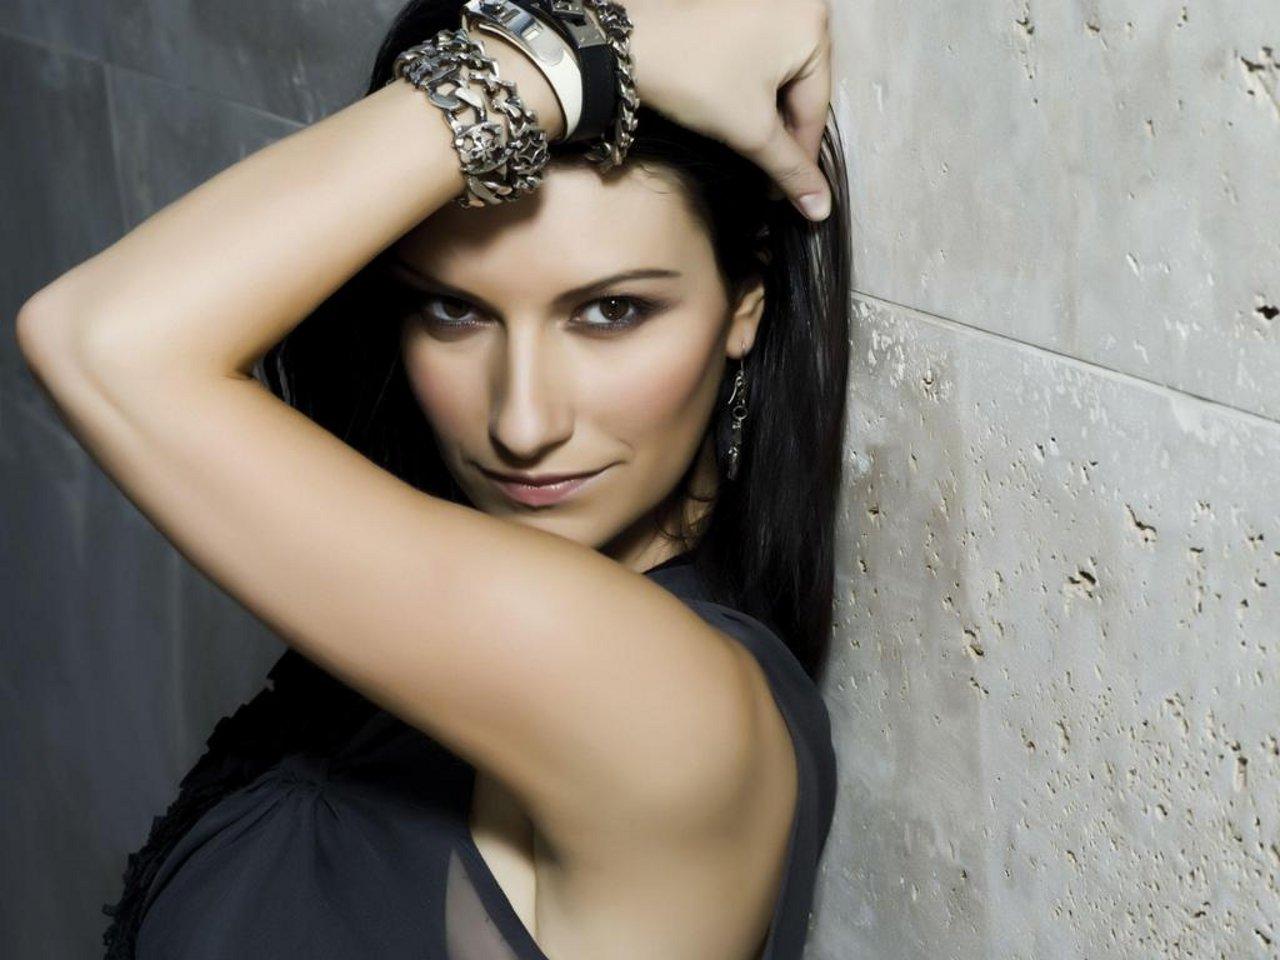 Laura Pausini dopo il successo americano tornerà in Italia per raduno suoi fan